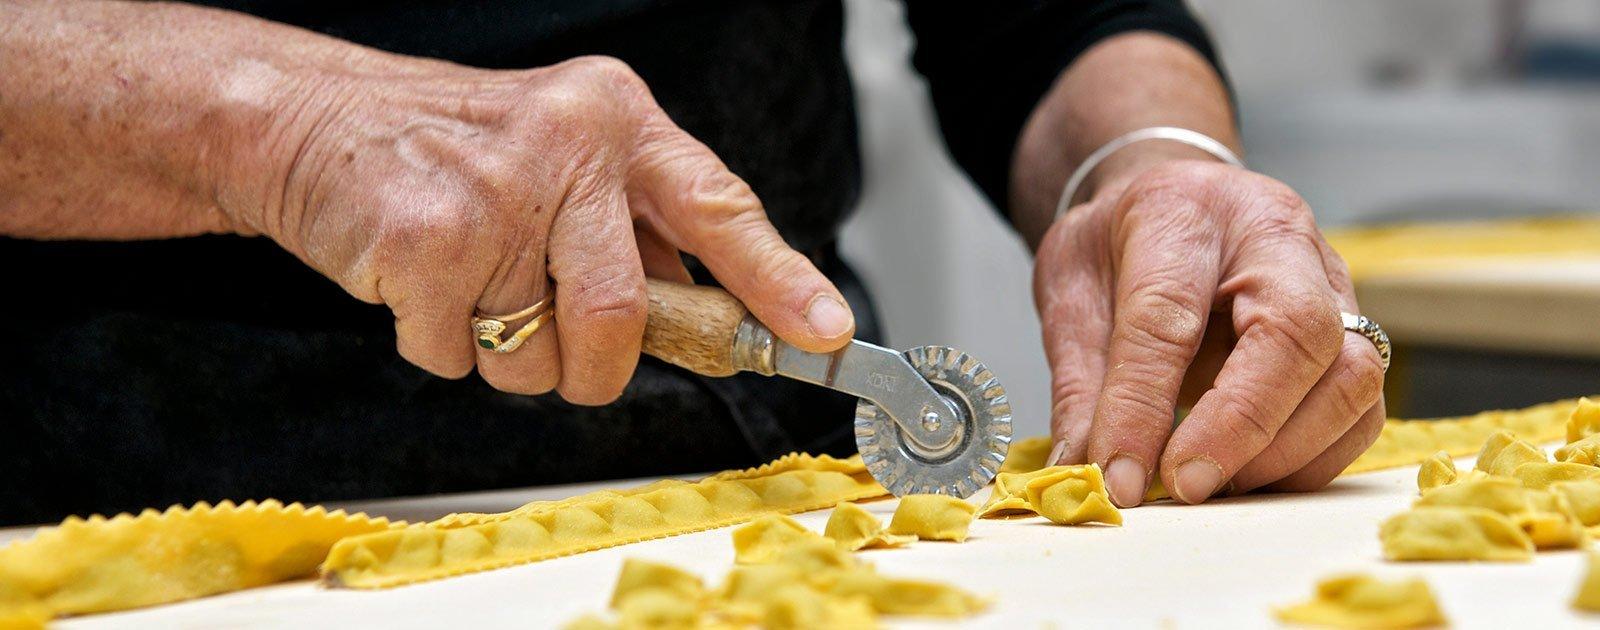 Per Tutt i Gusti Food - Laboratorio gastronomico artigianale a Barbaresco